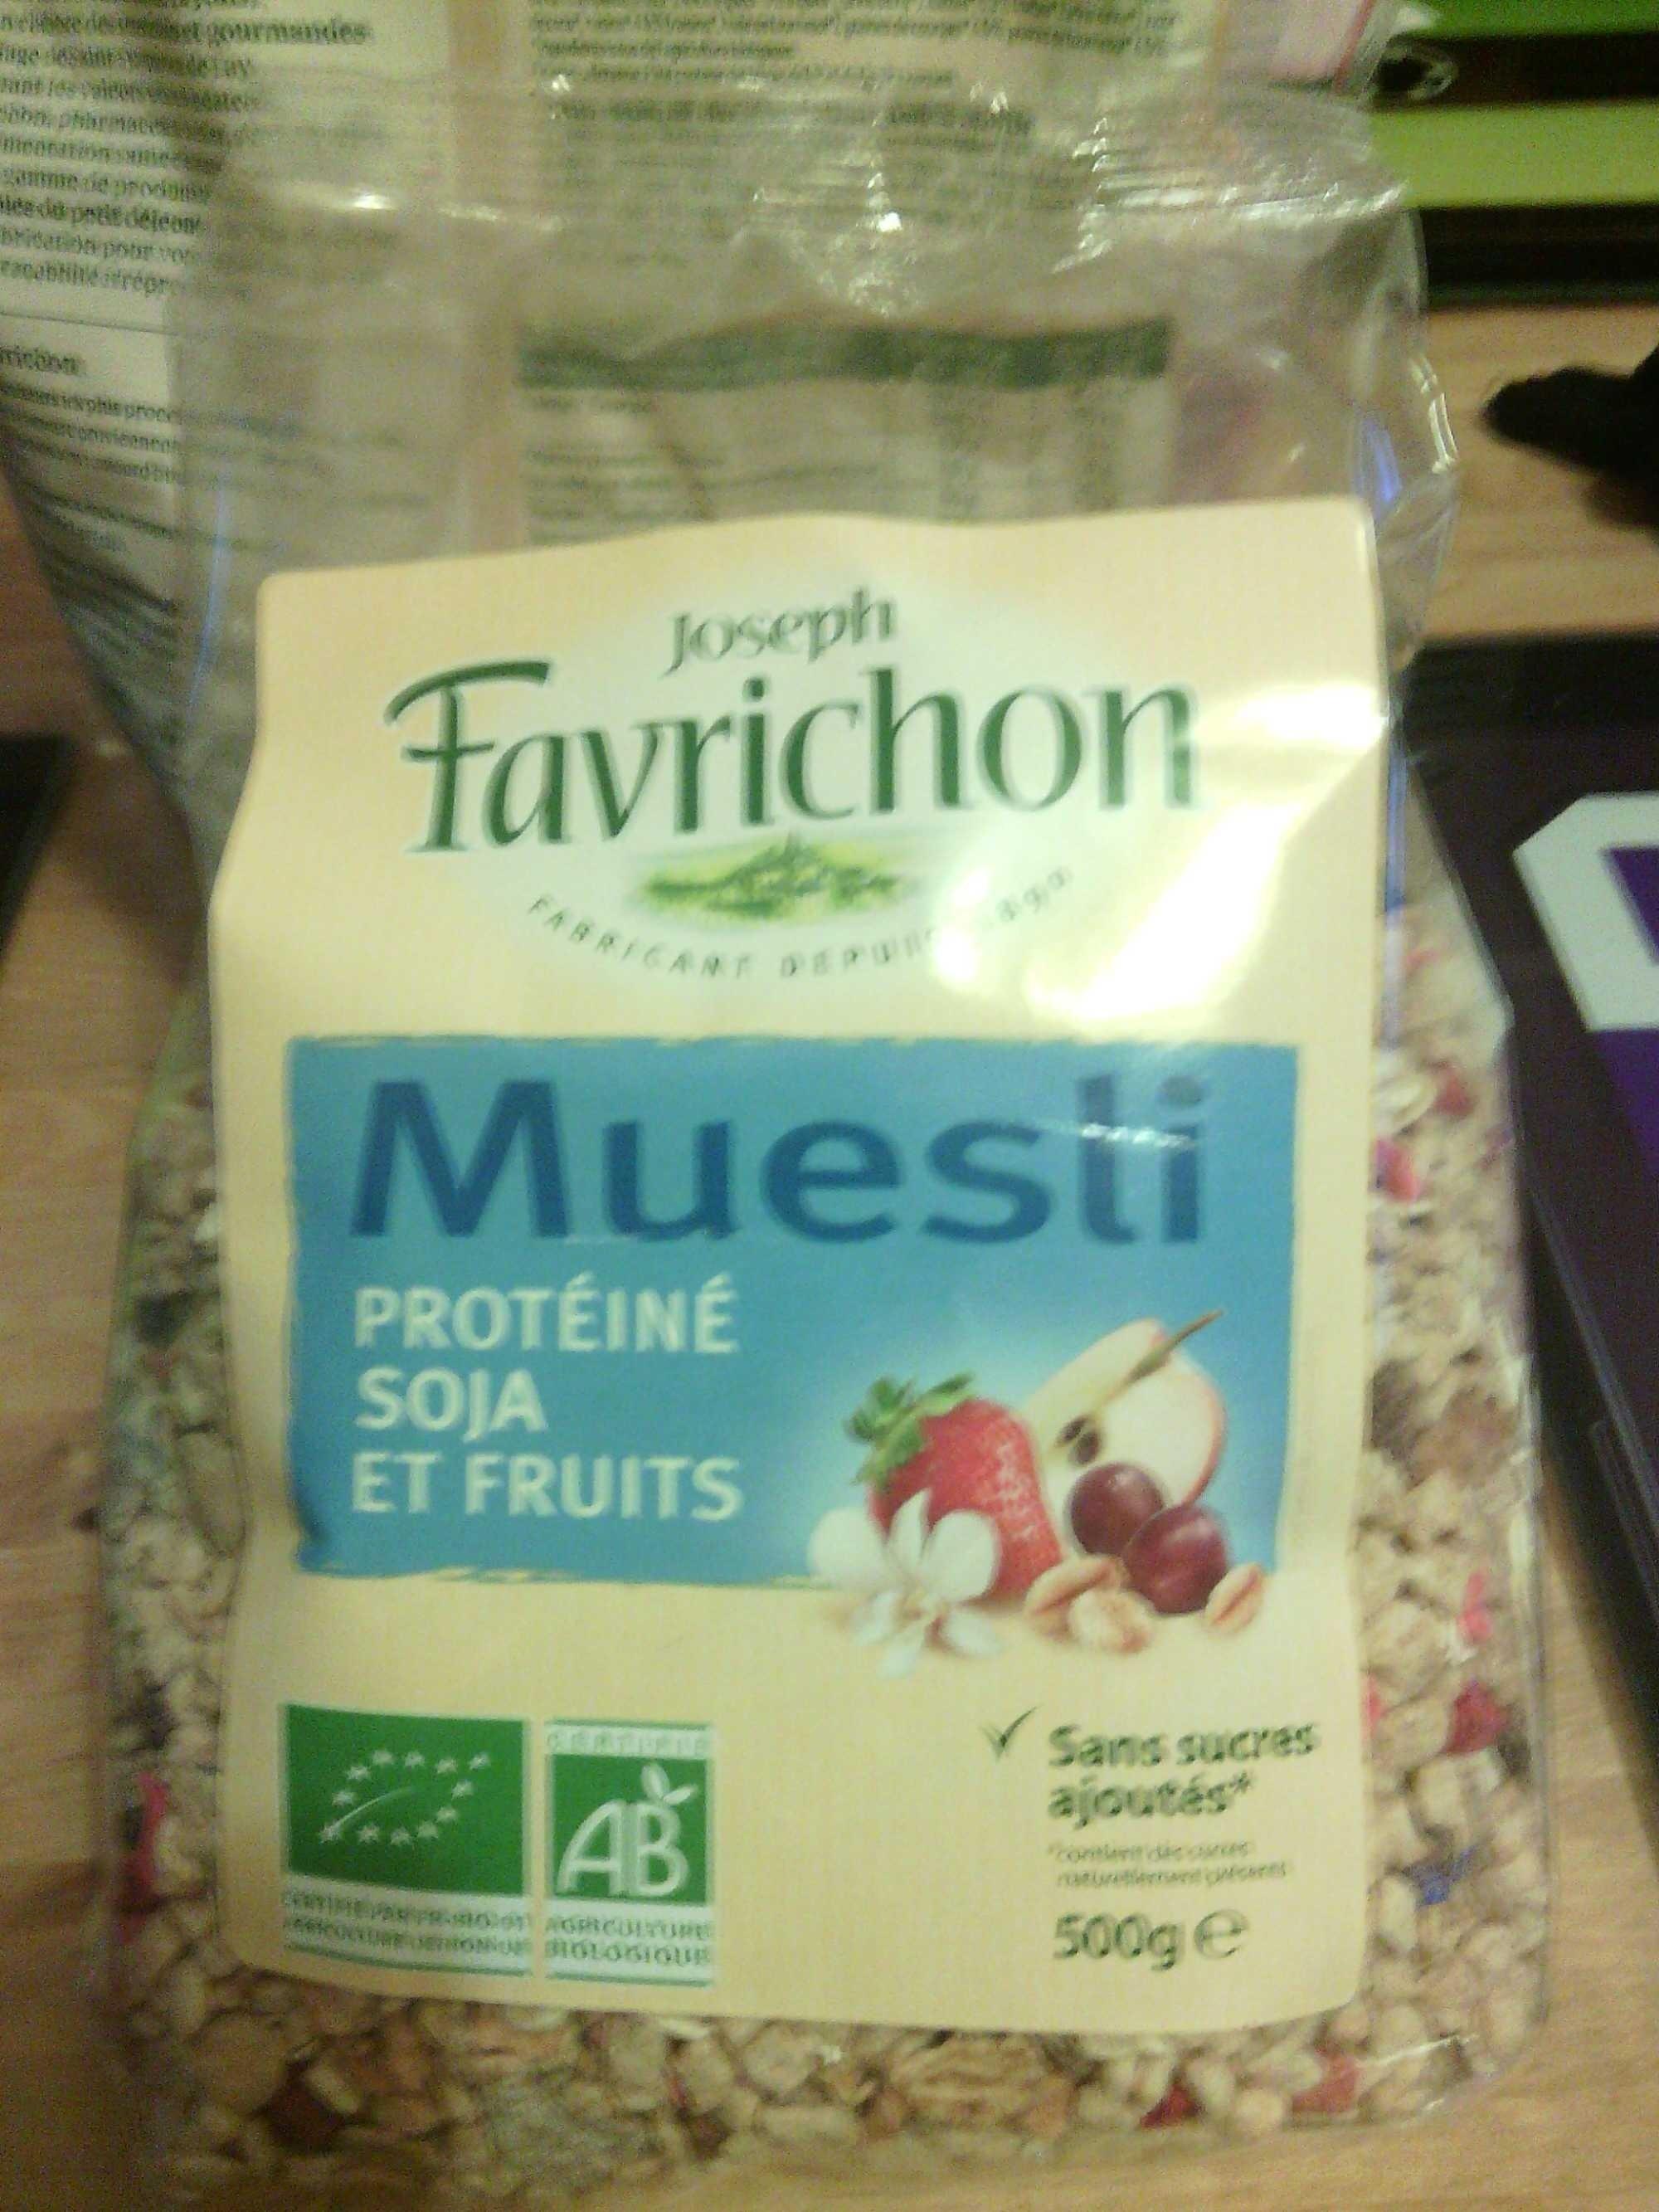 muesli favrichon proteine